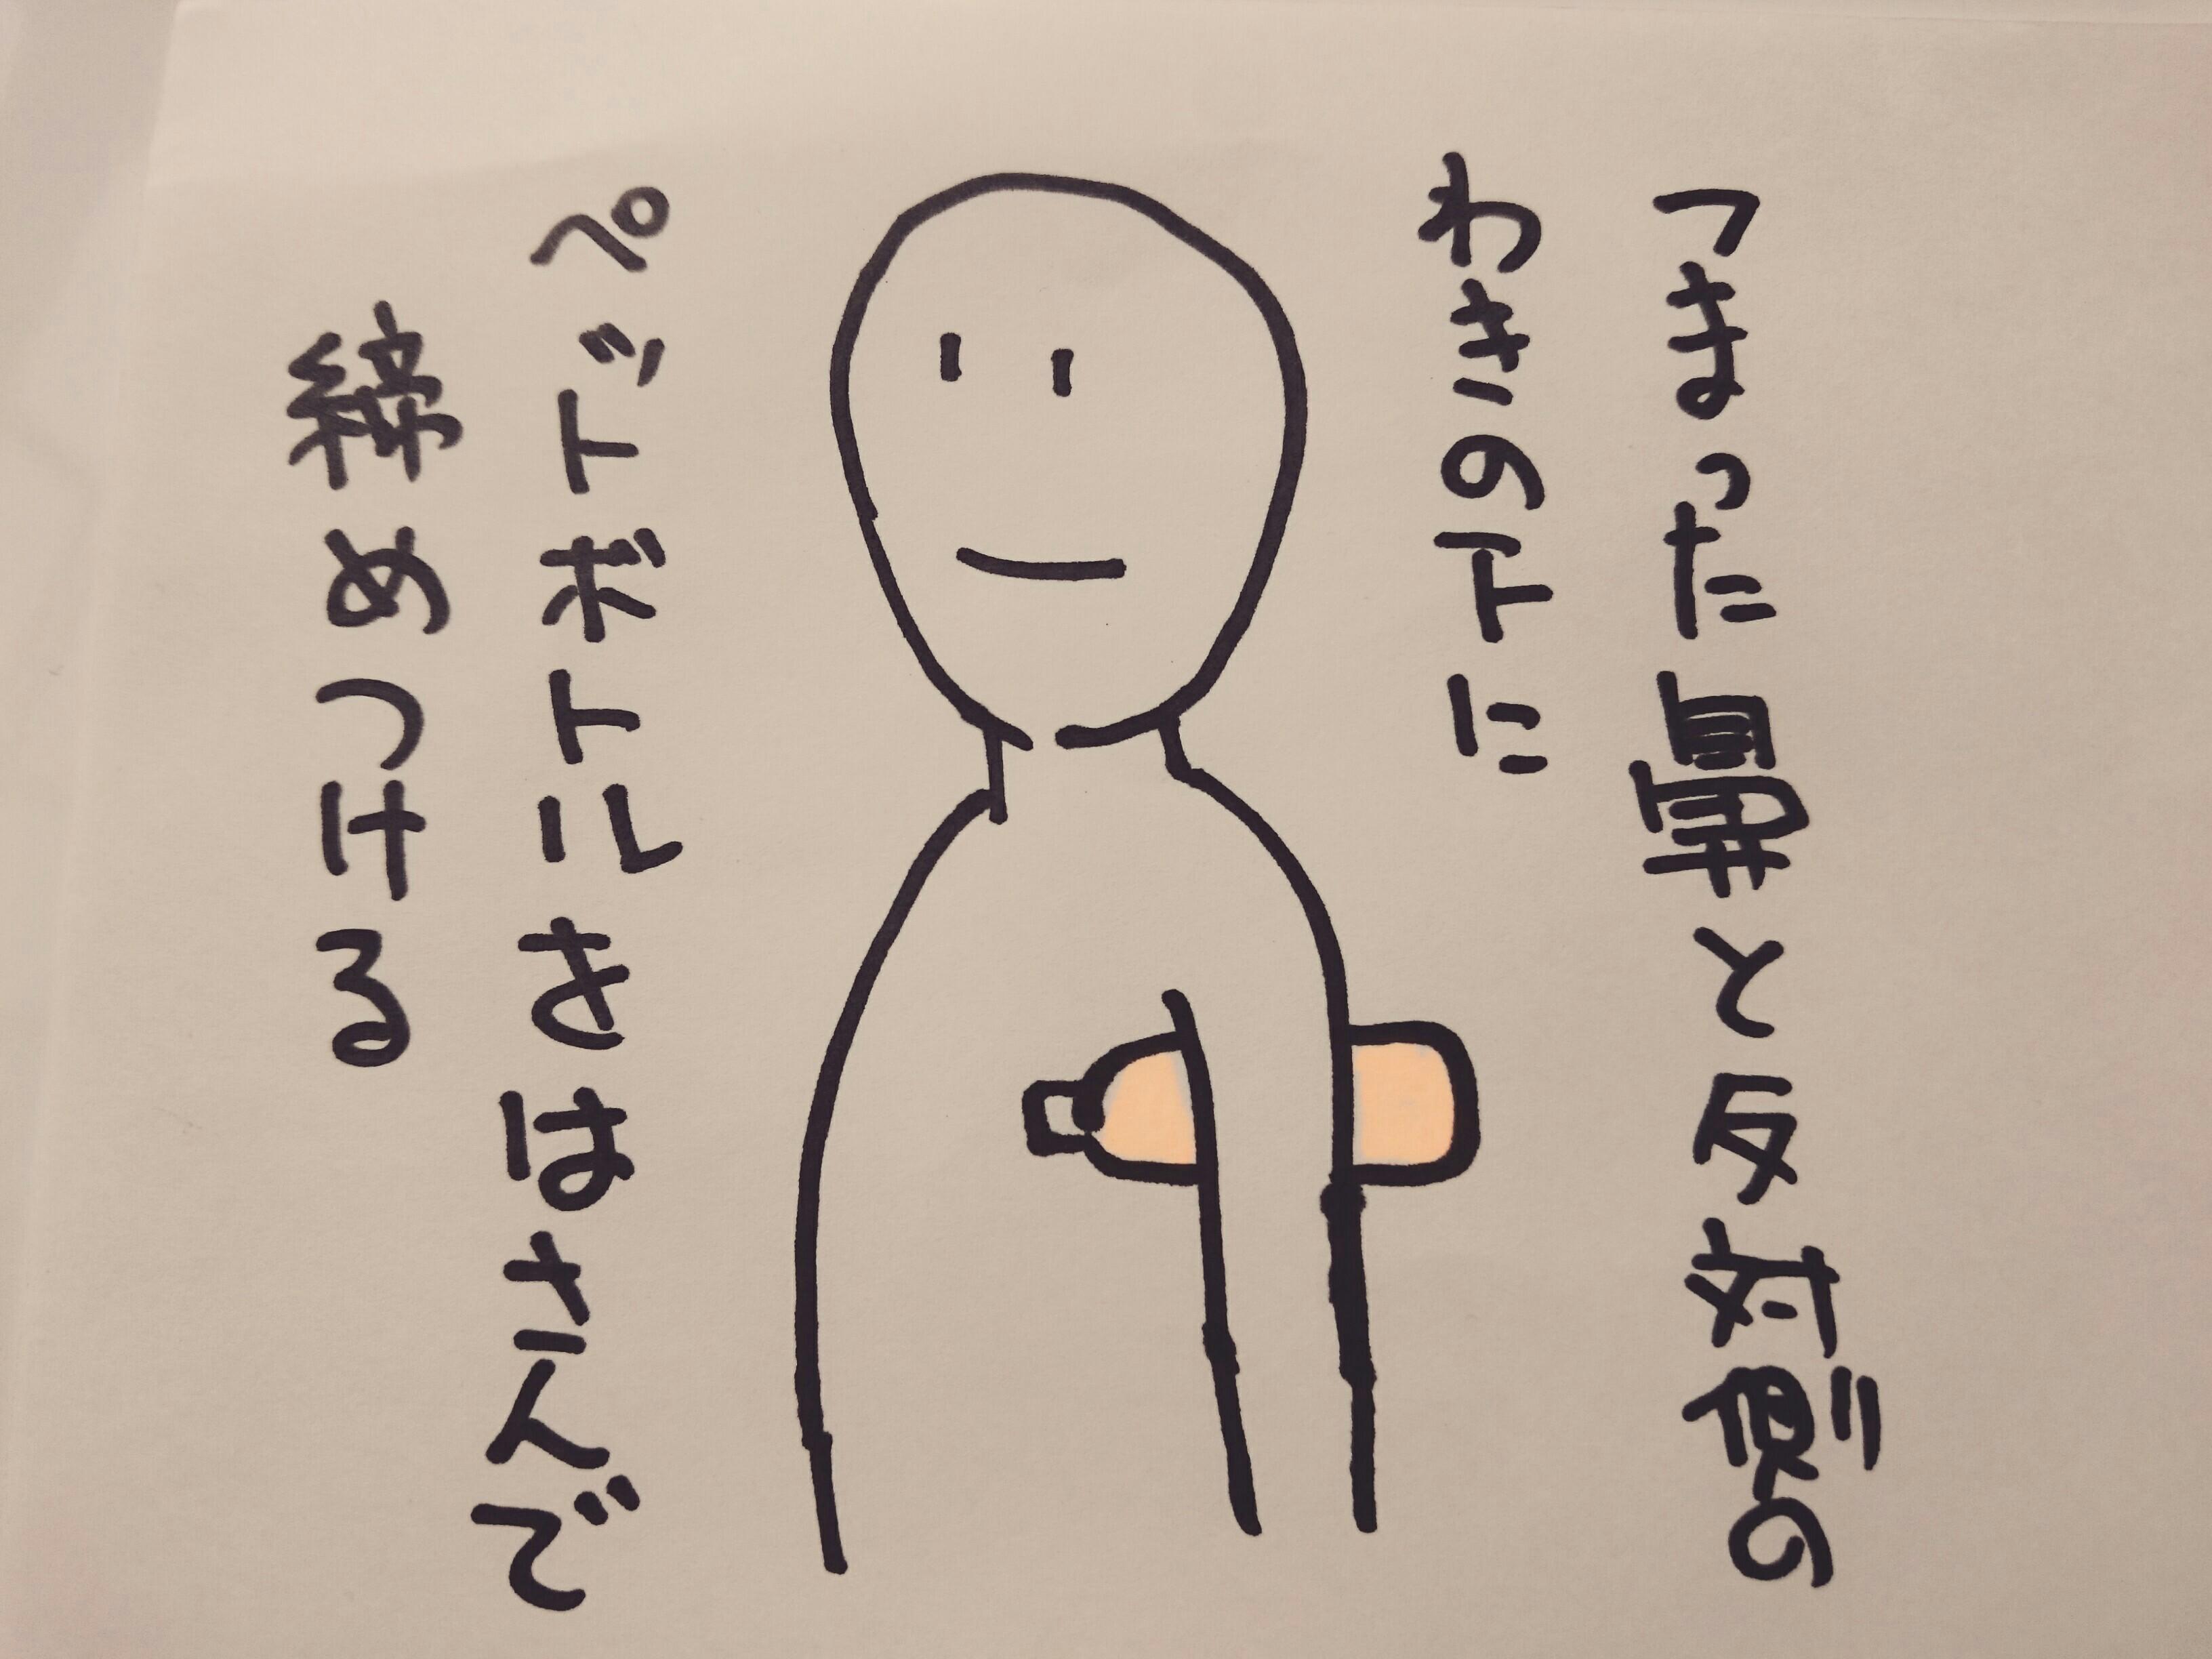 f:id:abikodojo:20190317225222j:plain